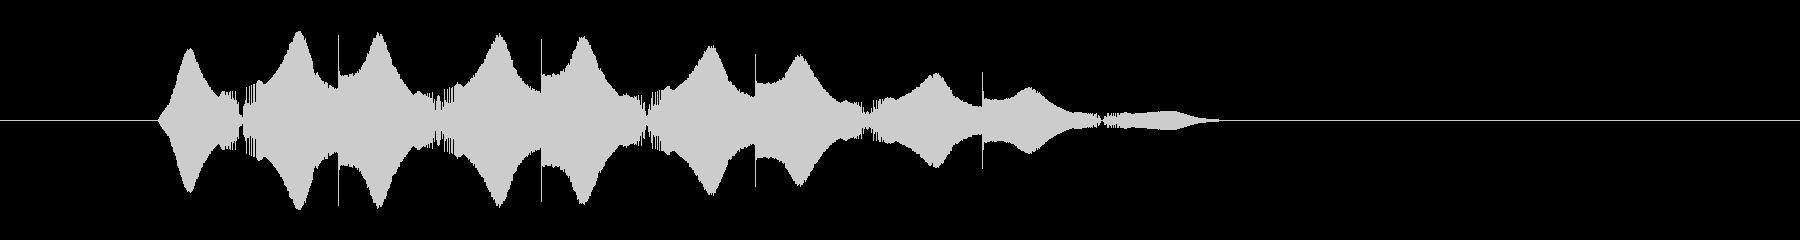 レーザー音-43-3の未再生の波形